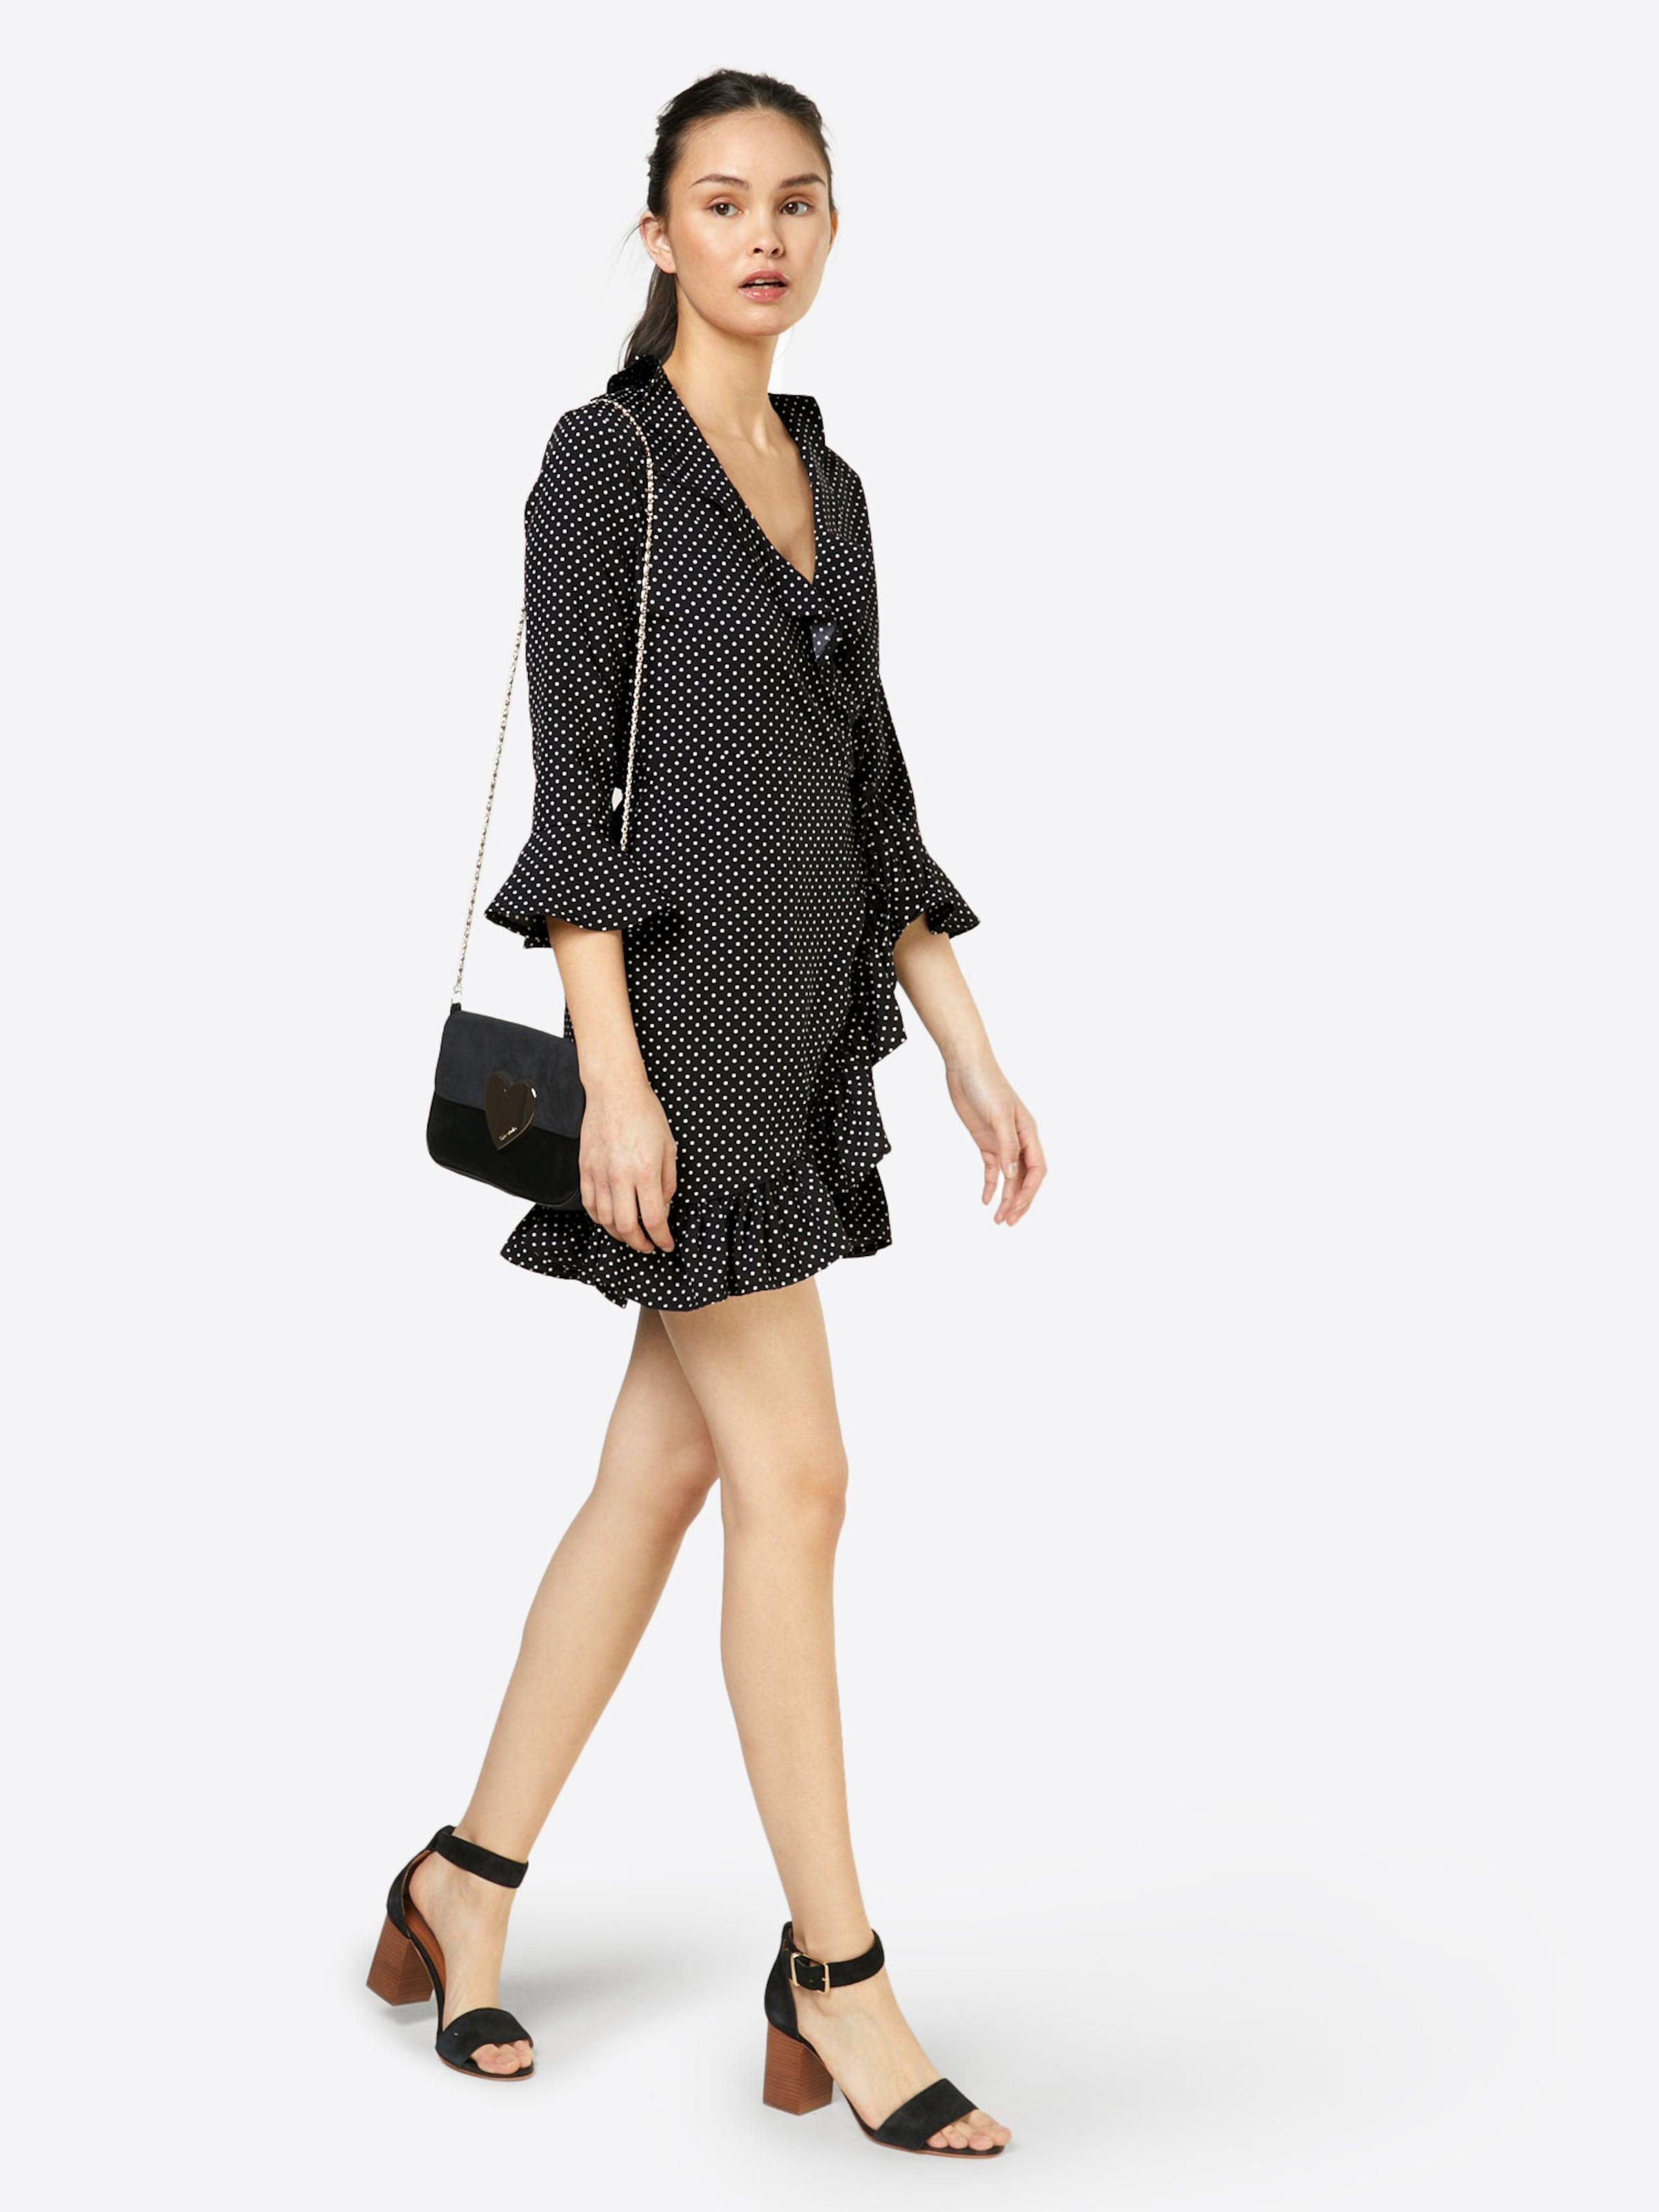 Verkaufsschlager Boohoo Kleid 'BETHANY'  Spitzenreiter Billig Verkauf Gut Verkaufen Günstig Kaufen Footlocker 43VIx7U2